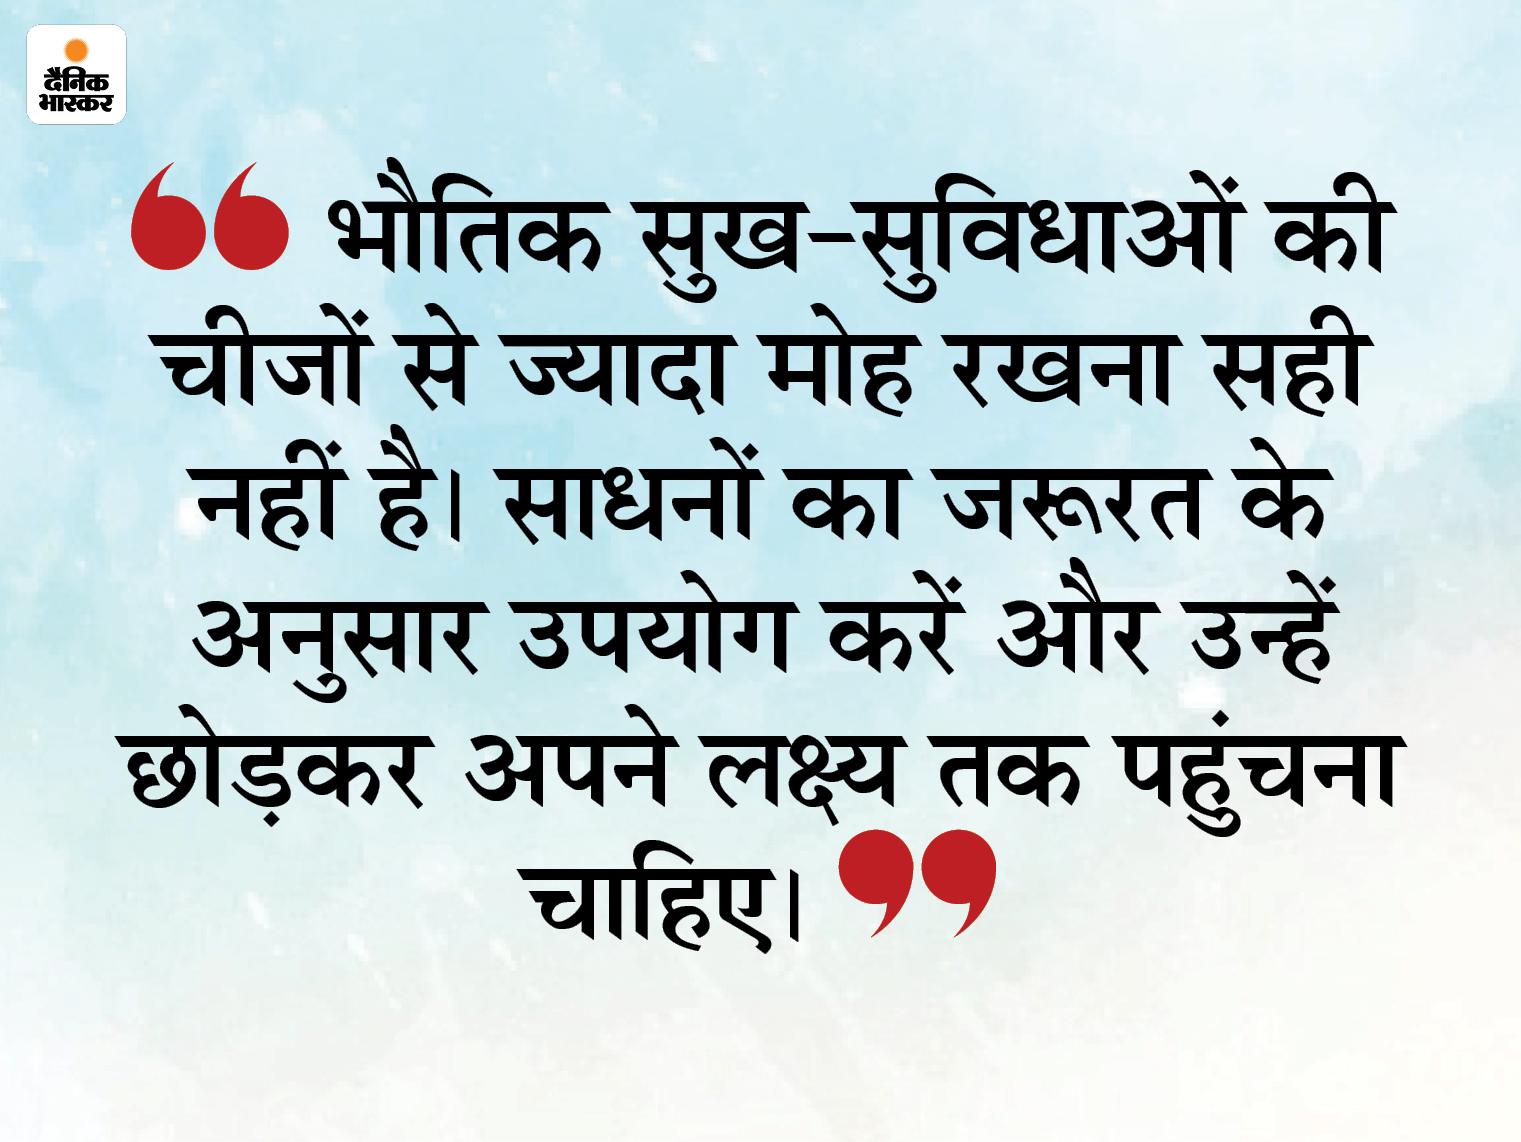 साधनों का उपयोग करें, लेकिन उन्हें पकड़कर न बैठें, उन्हें छोड़कर आगे बढ़ें|धर्म,Dharm - Dainik Bhaskar